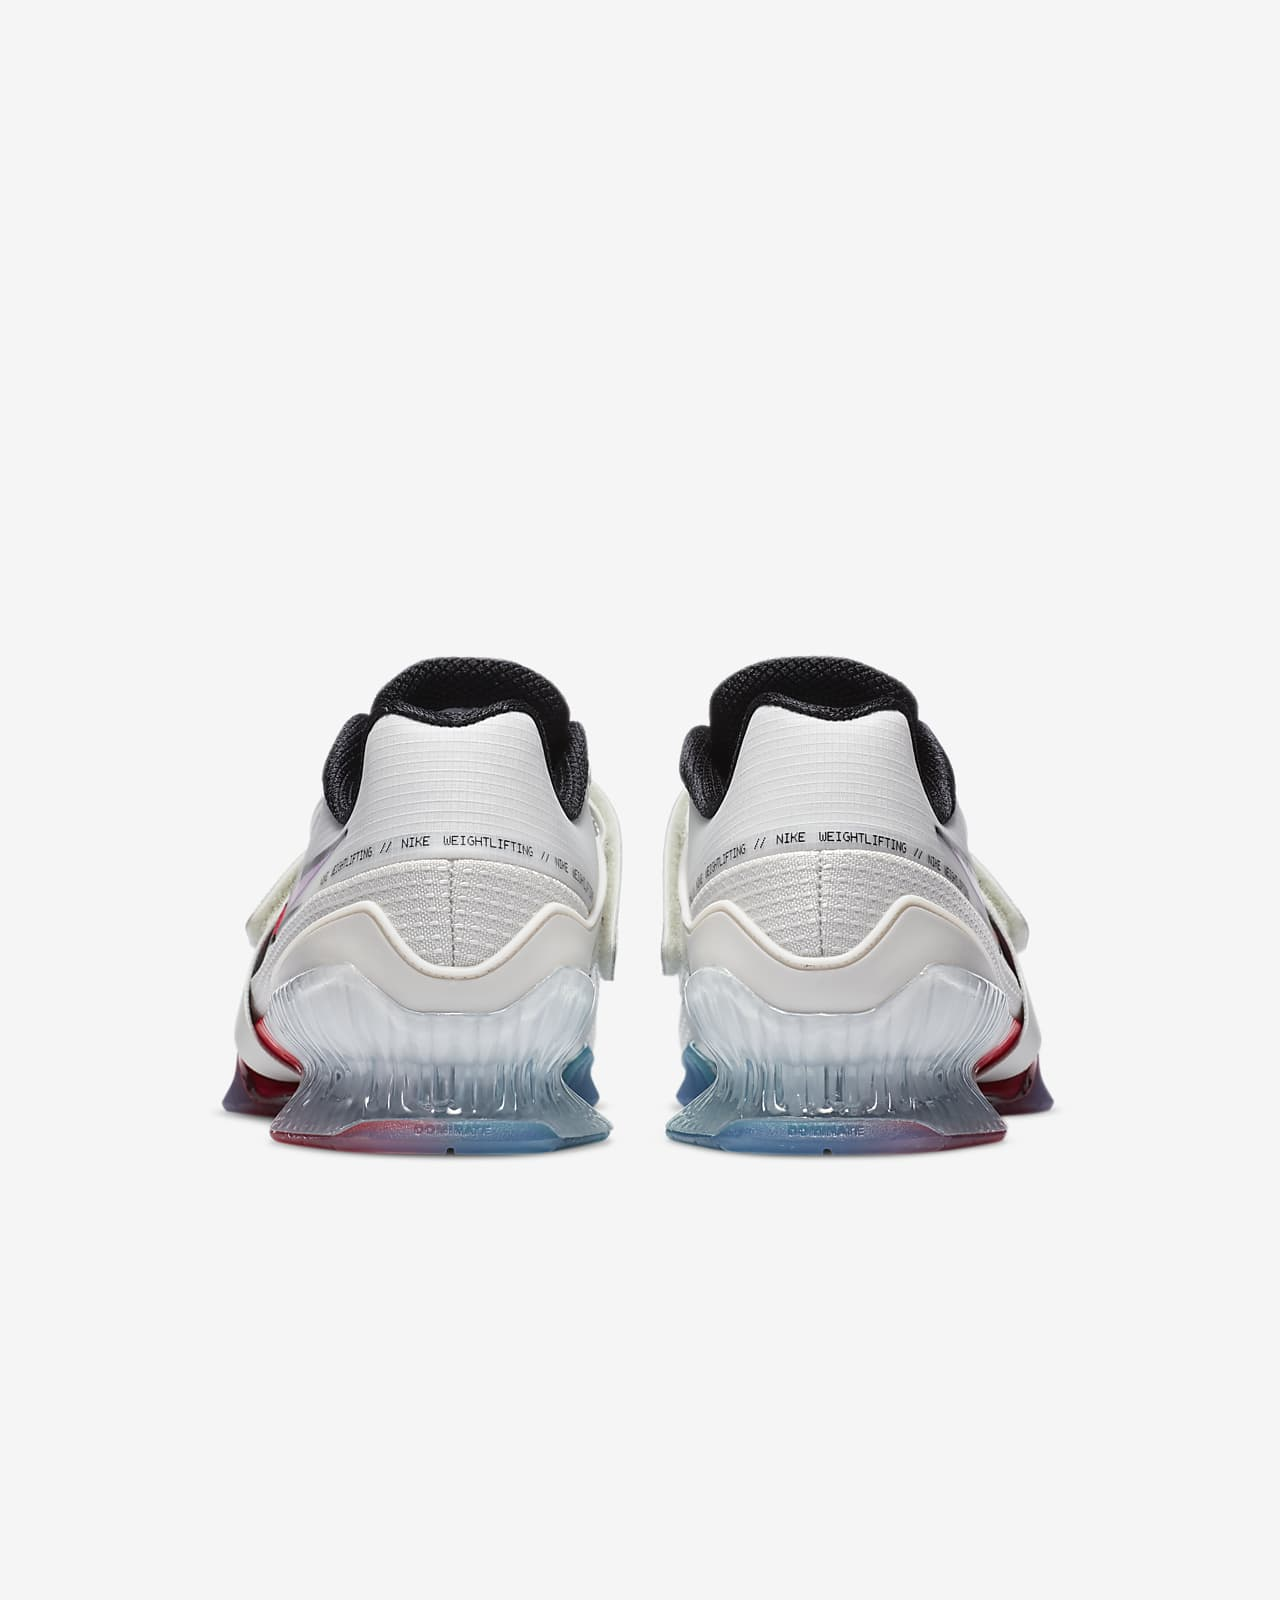 Nike Romaleos 4 SE Training Shoe